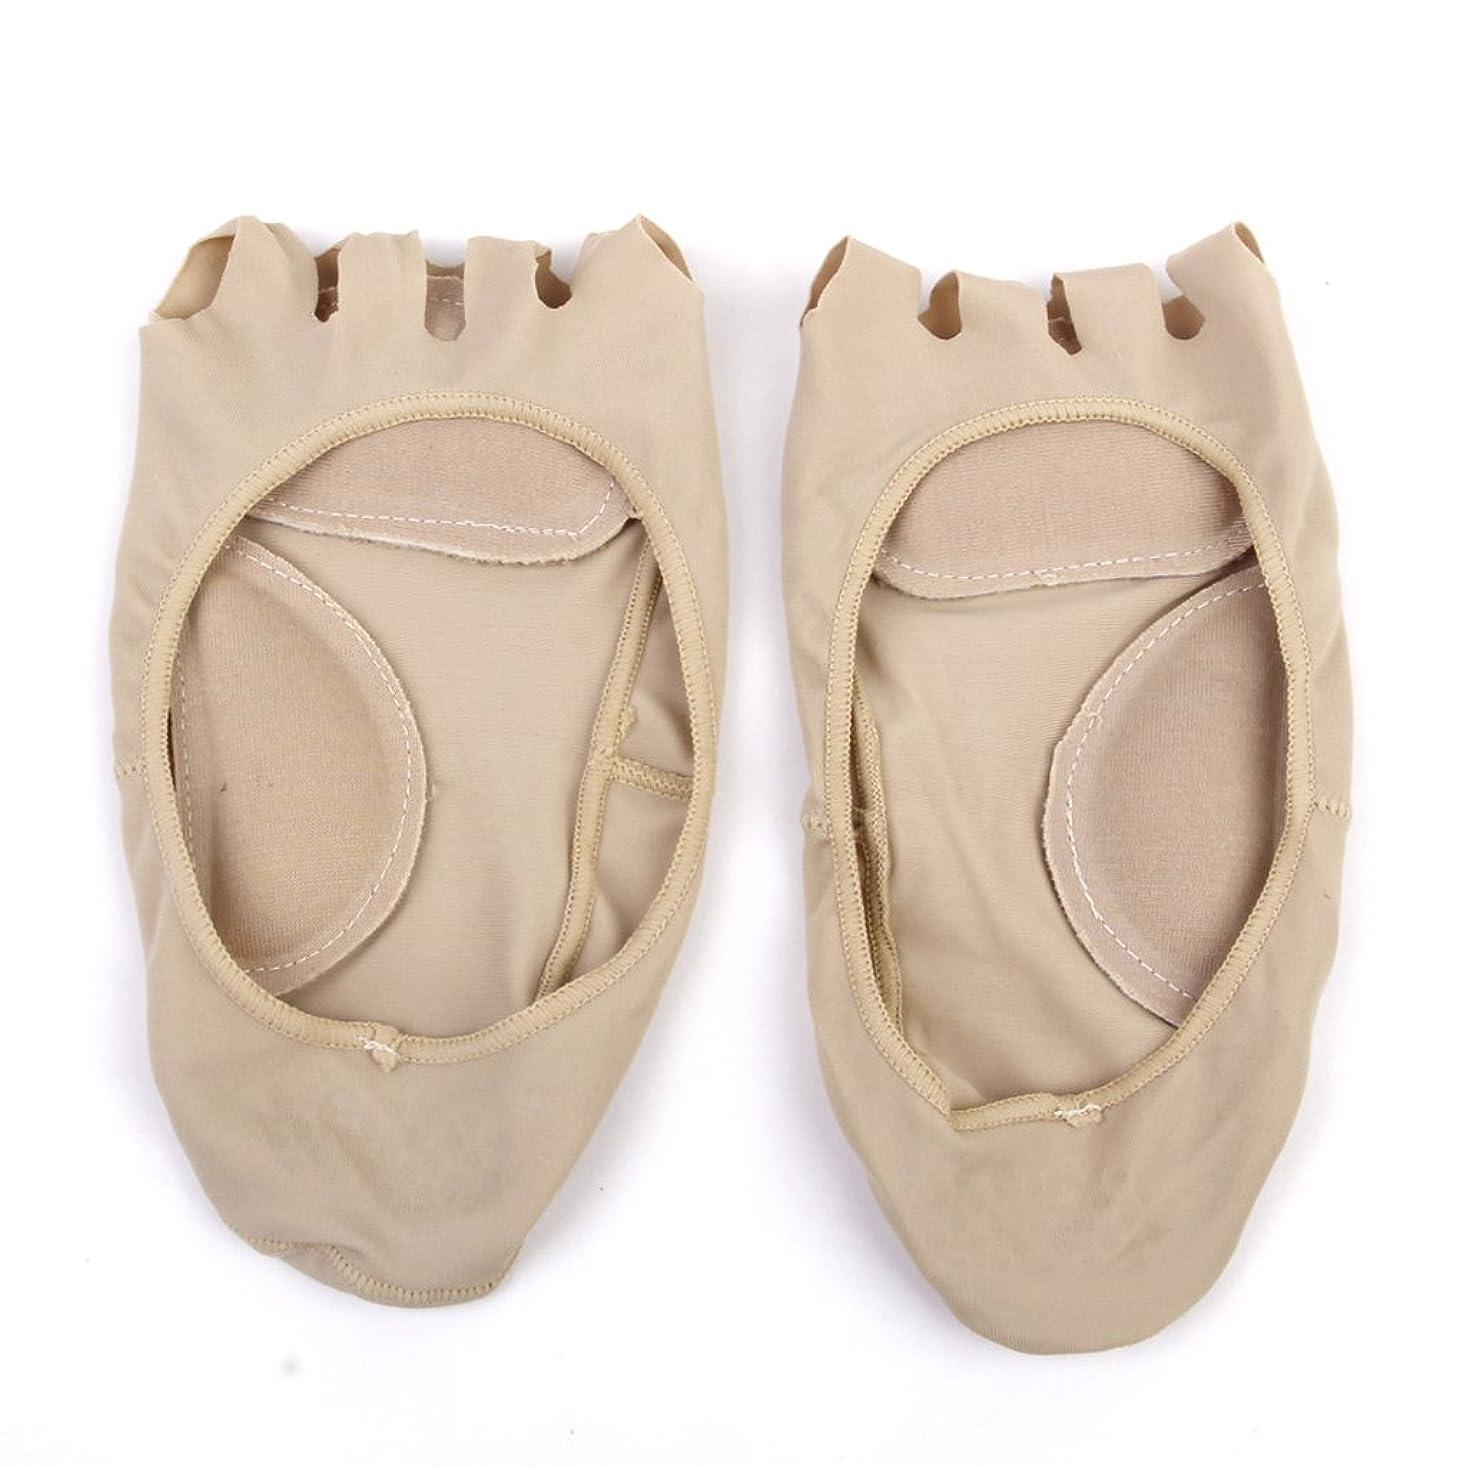 ボス直立セットする【Footful】ソックス 靴下 5つ本指つま先 ボートソックス マッサージパッド 見えない 滑り止め アンクルソックス (ヌード)